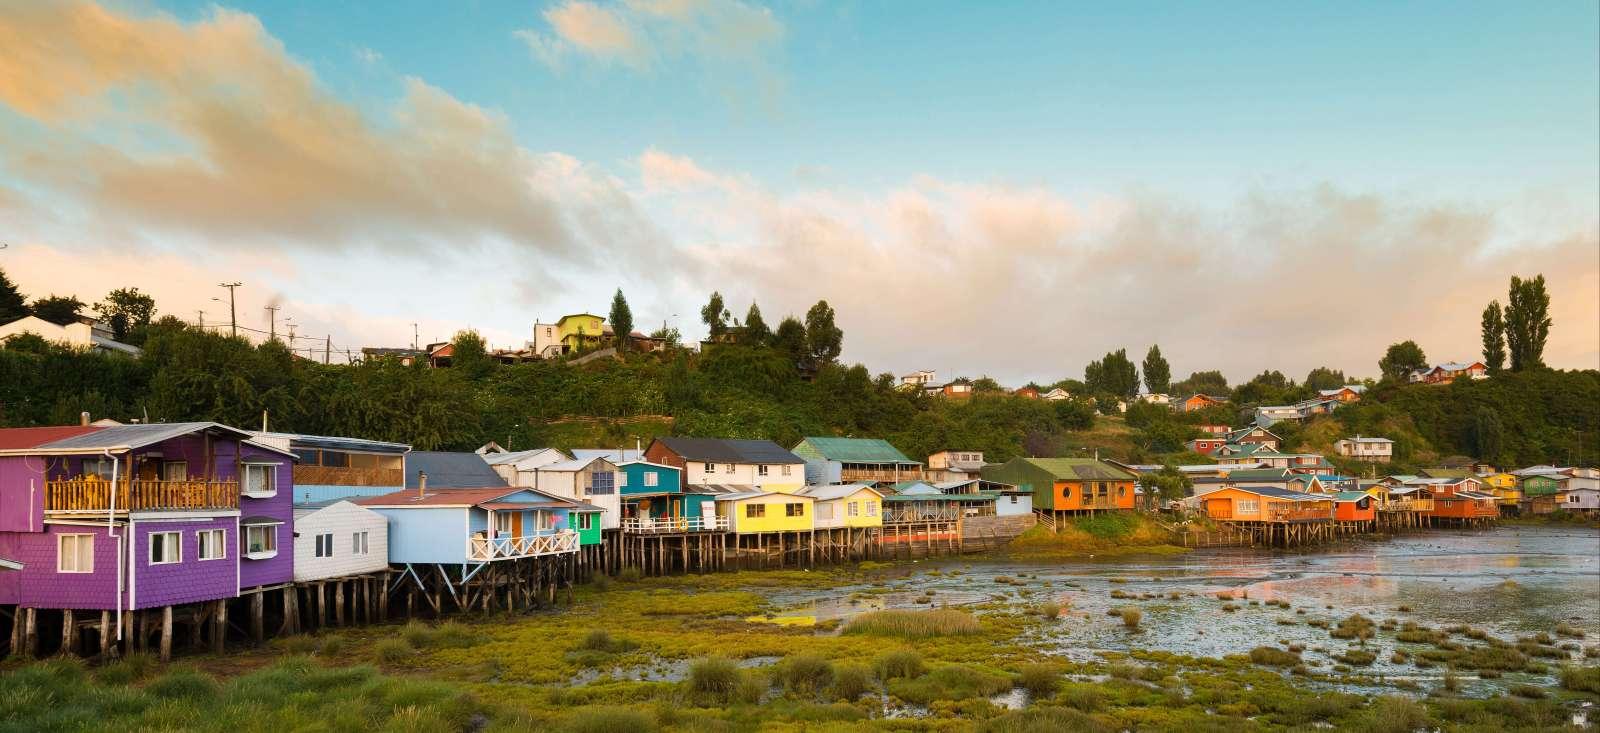 Voyage à pied : Le Chili Authentique avec l\'Ile de Chiloé